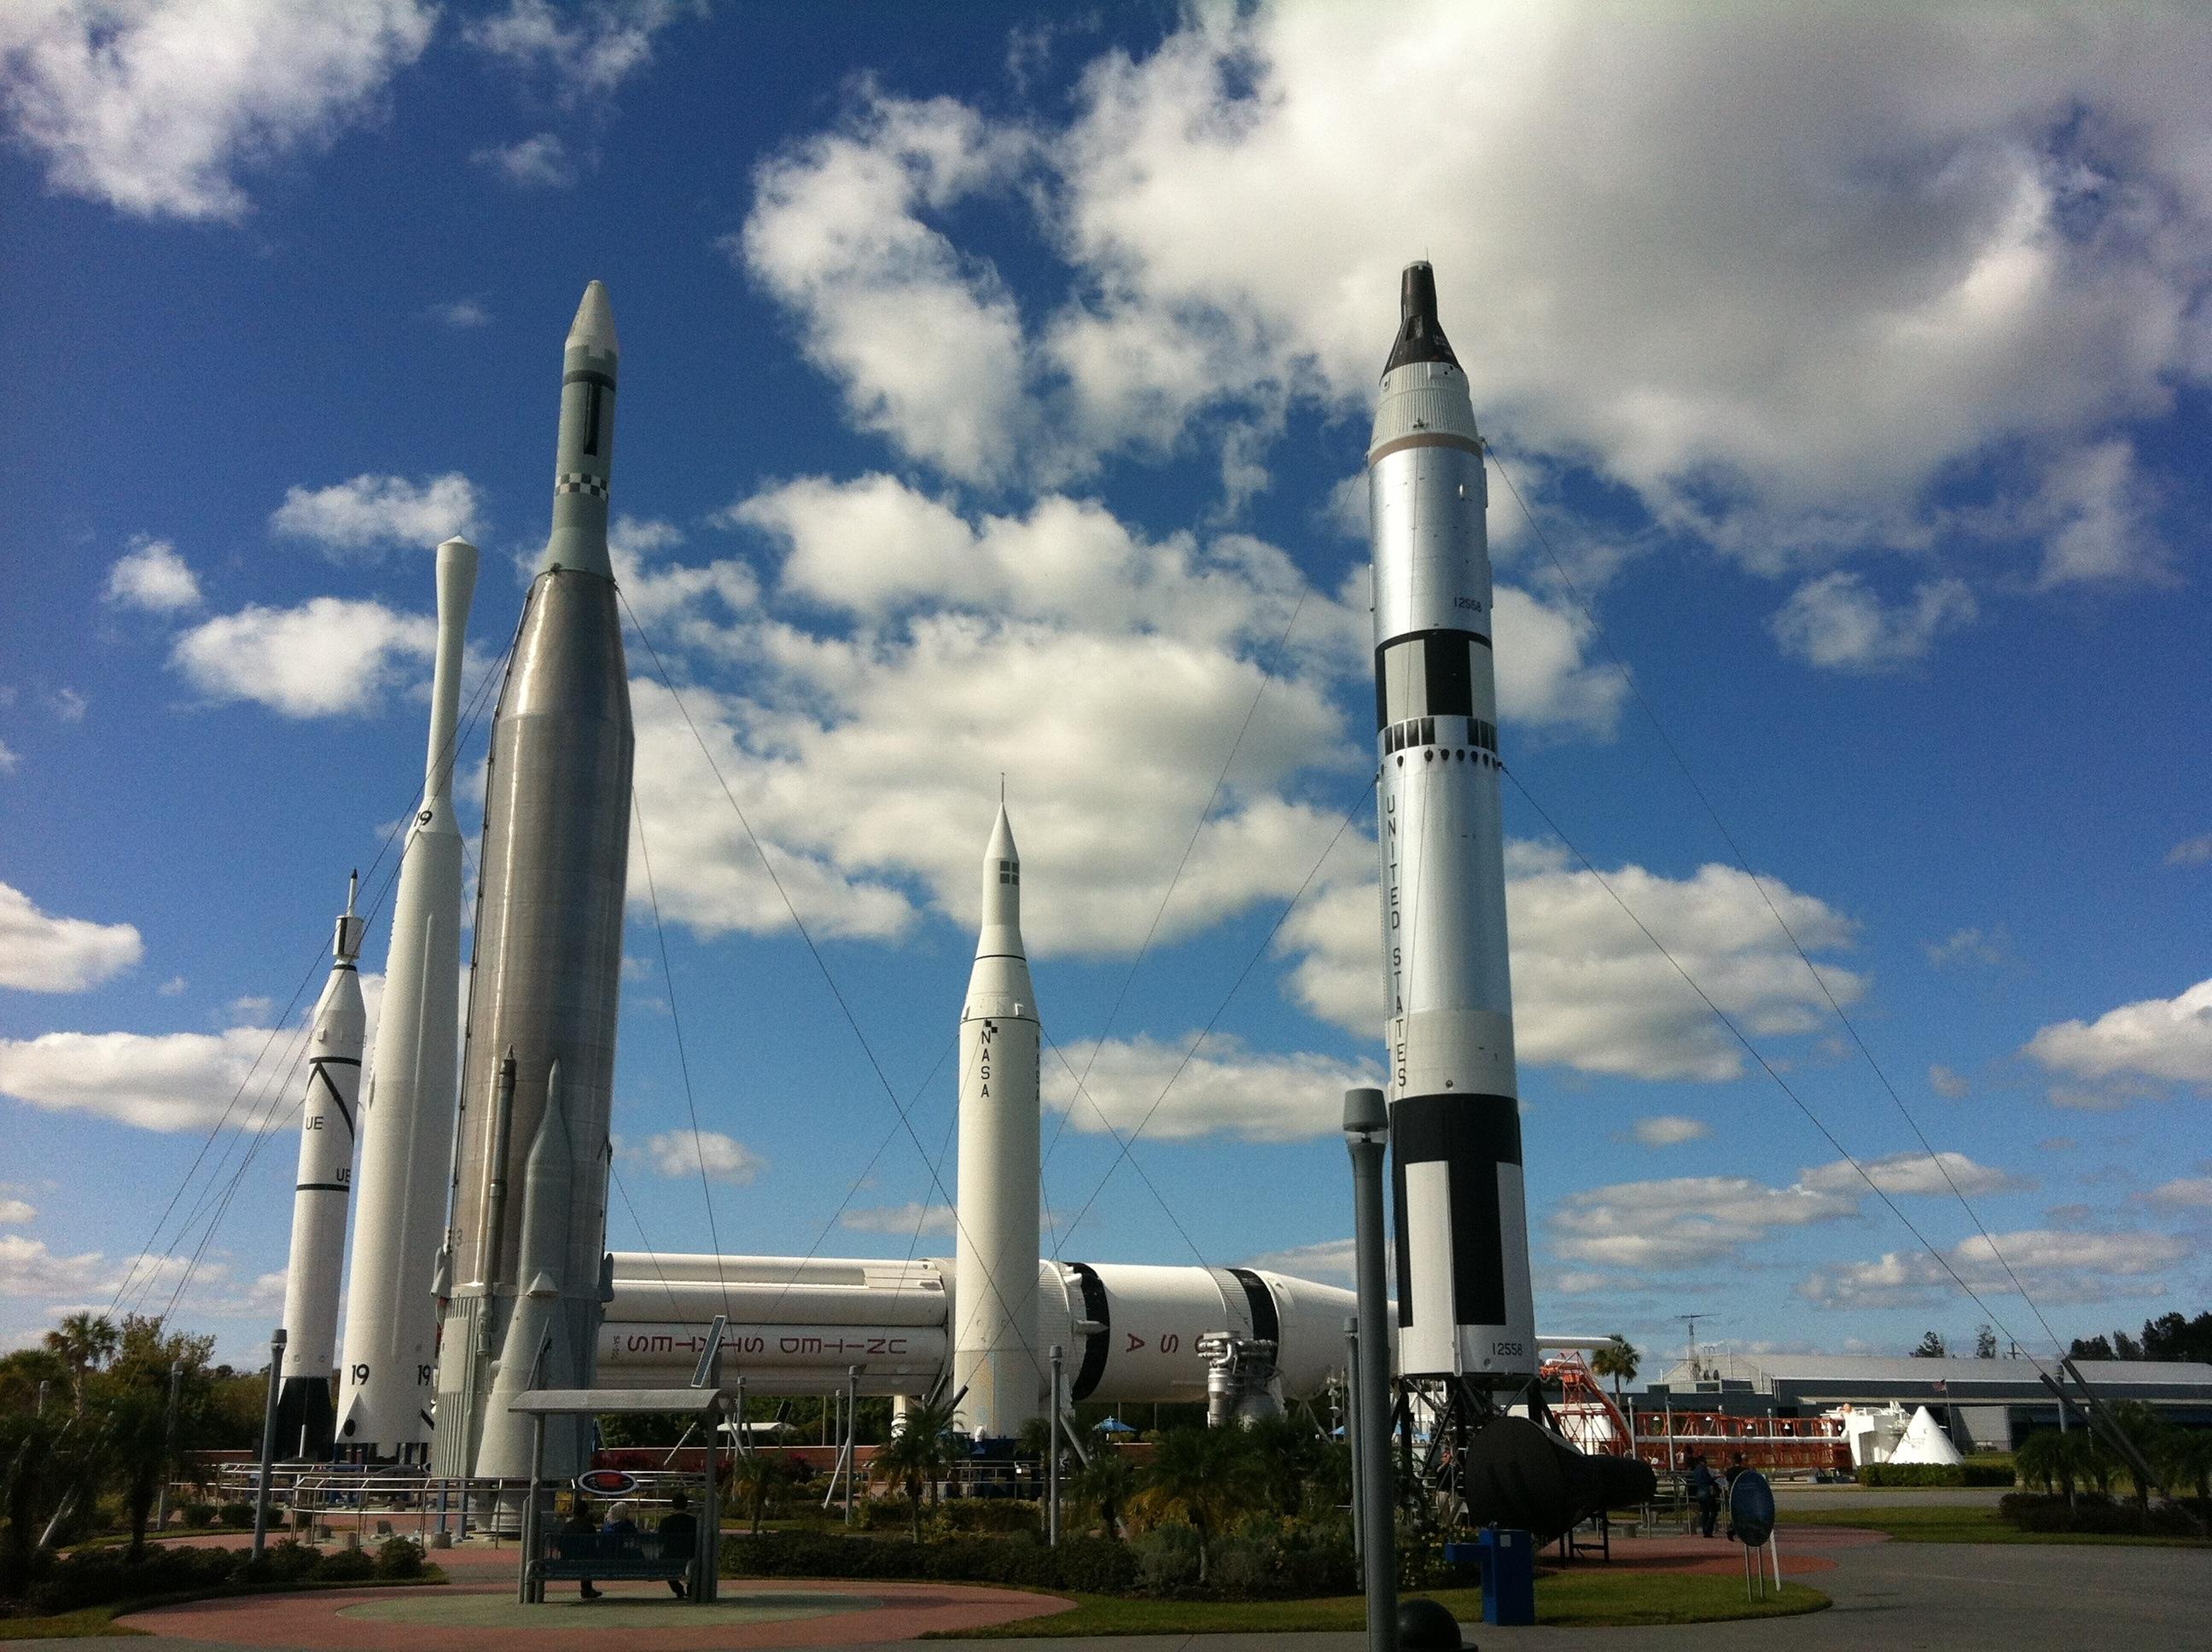 Nuevo propulsor de más de 200 toneladas para cohetes chinos completa prueba